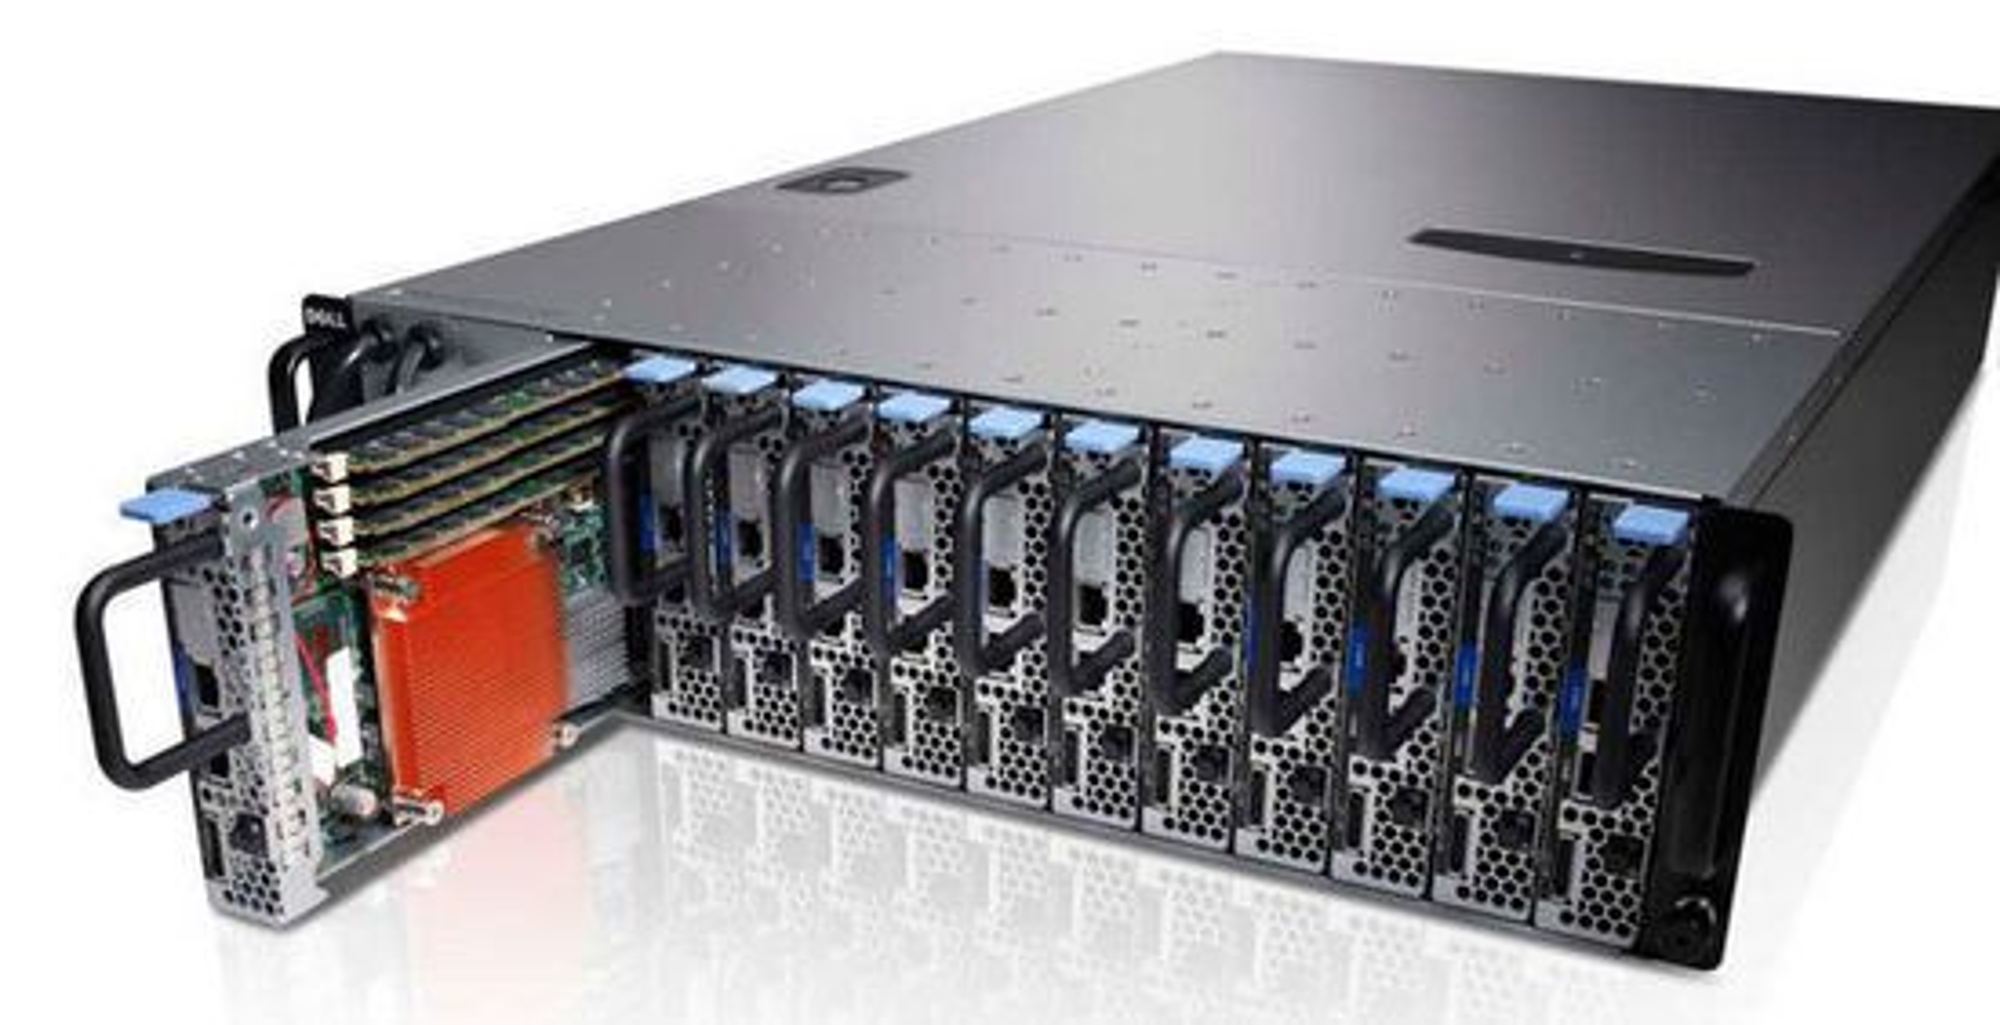 Dells Poweredge c5125 er et eksempel på en løsning basert på mikroservere.